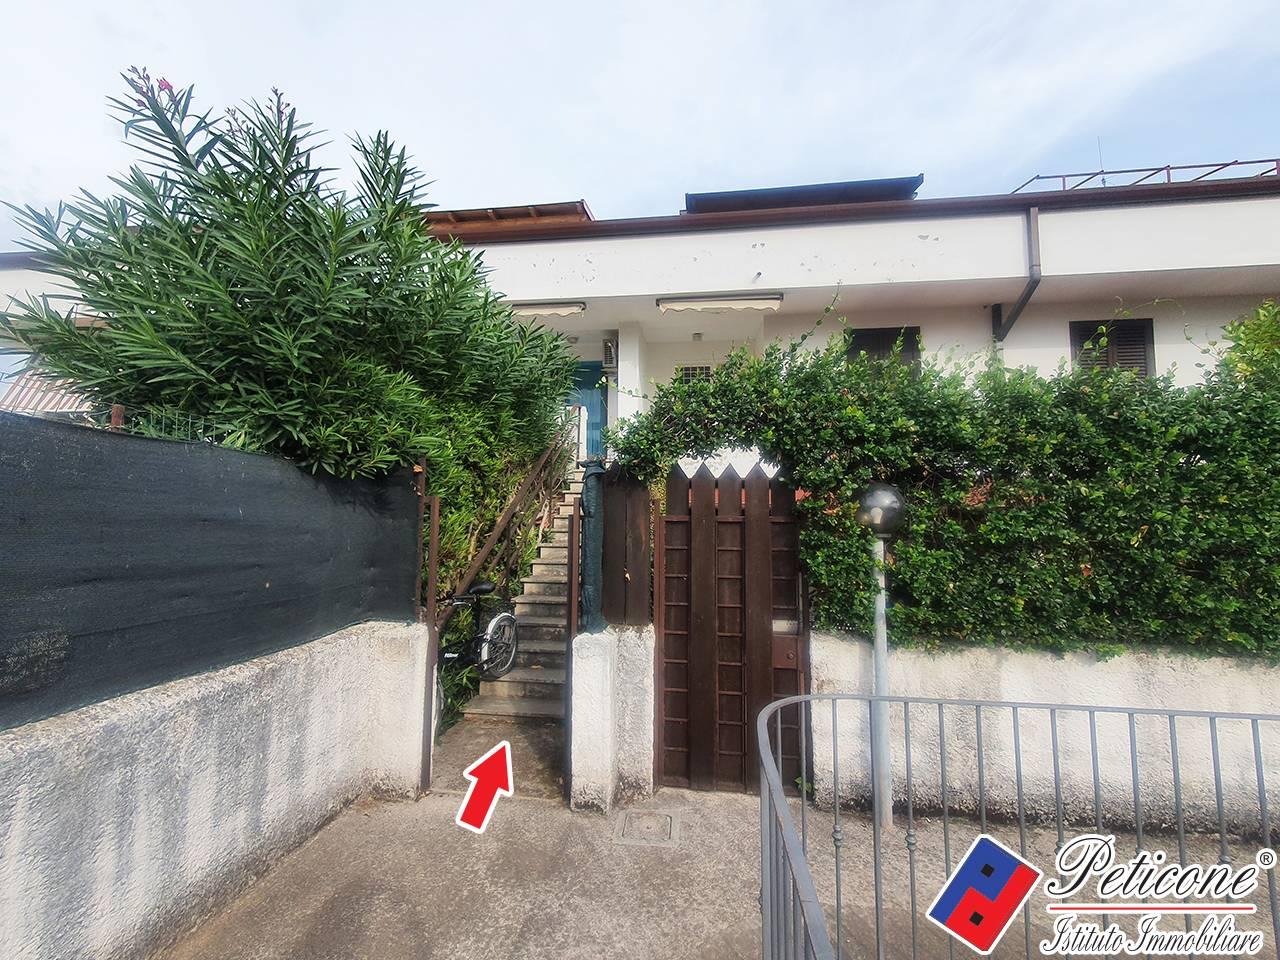 Appartamento in vendita a Fondi, 3 locali, zona Località: MarinadiFondi, prezzo € 135.000 | PortaleAgenzieImmobiliari.it